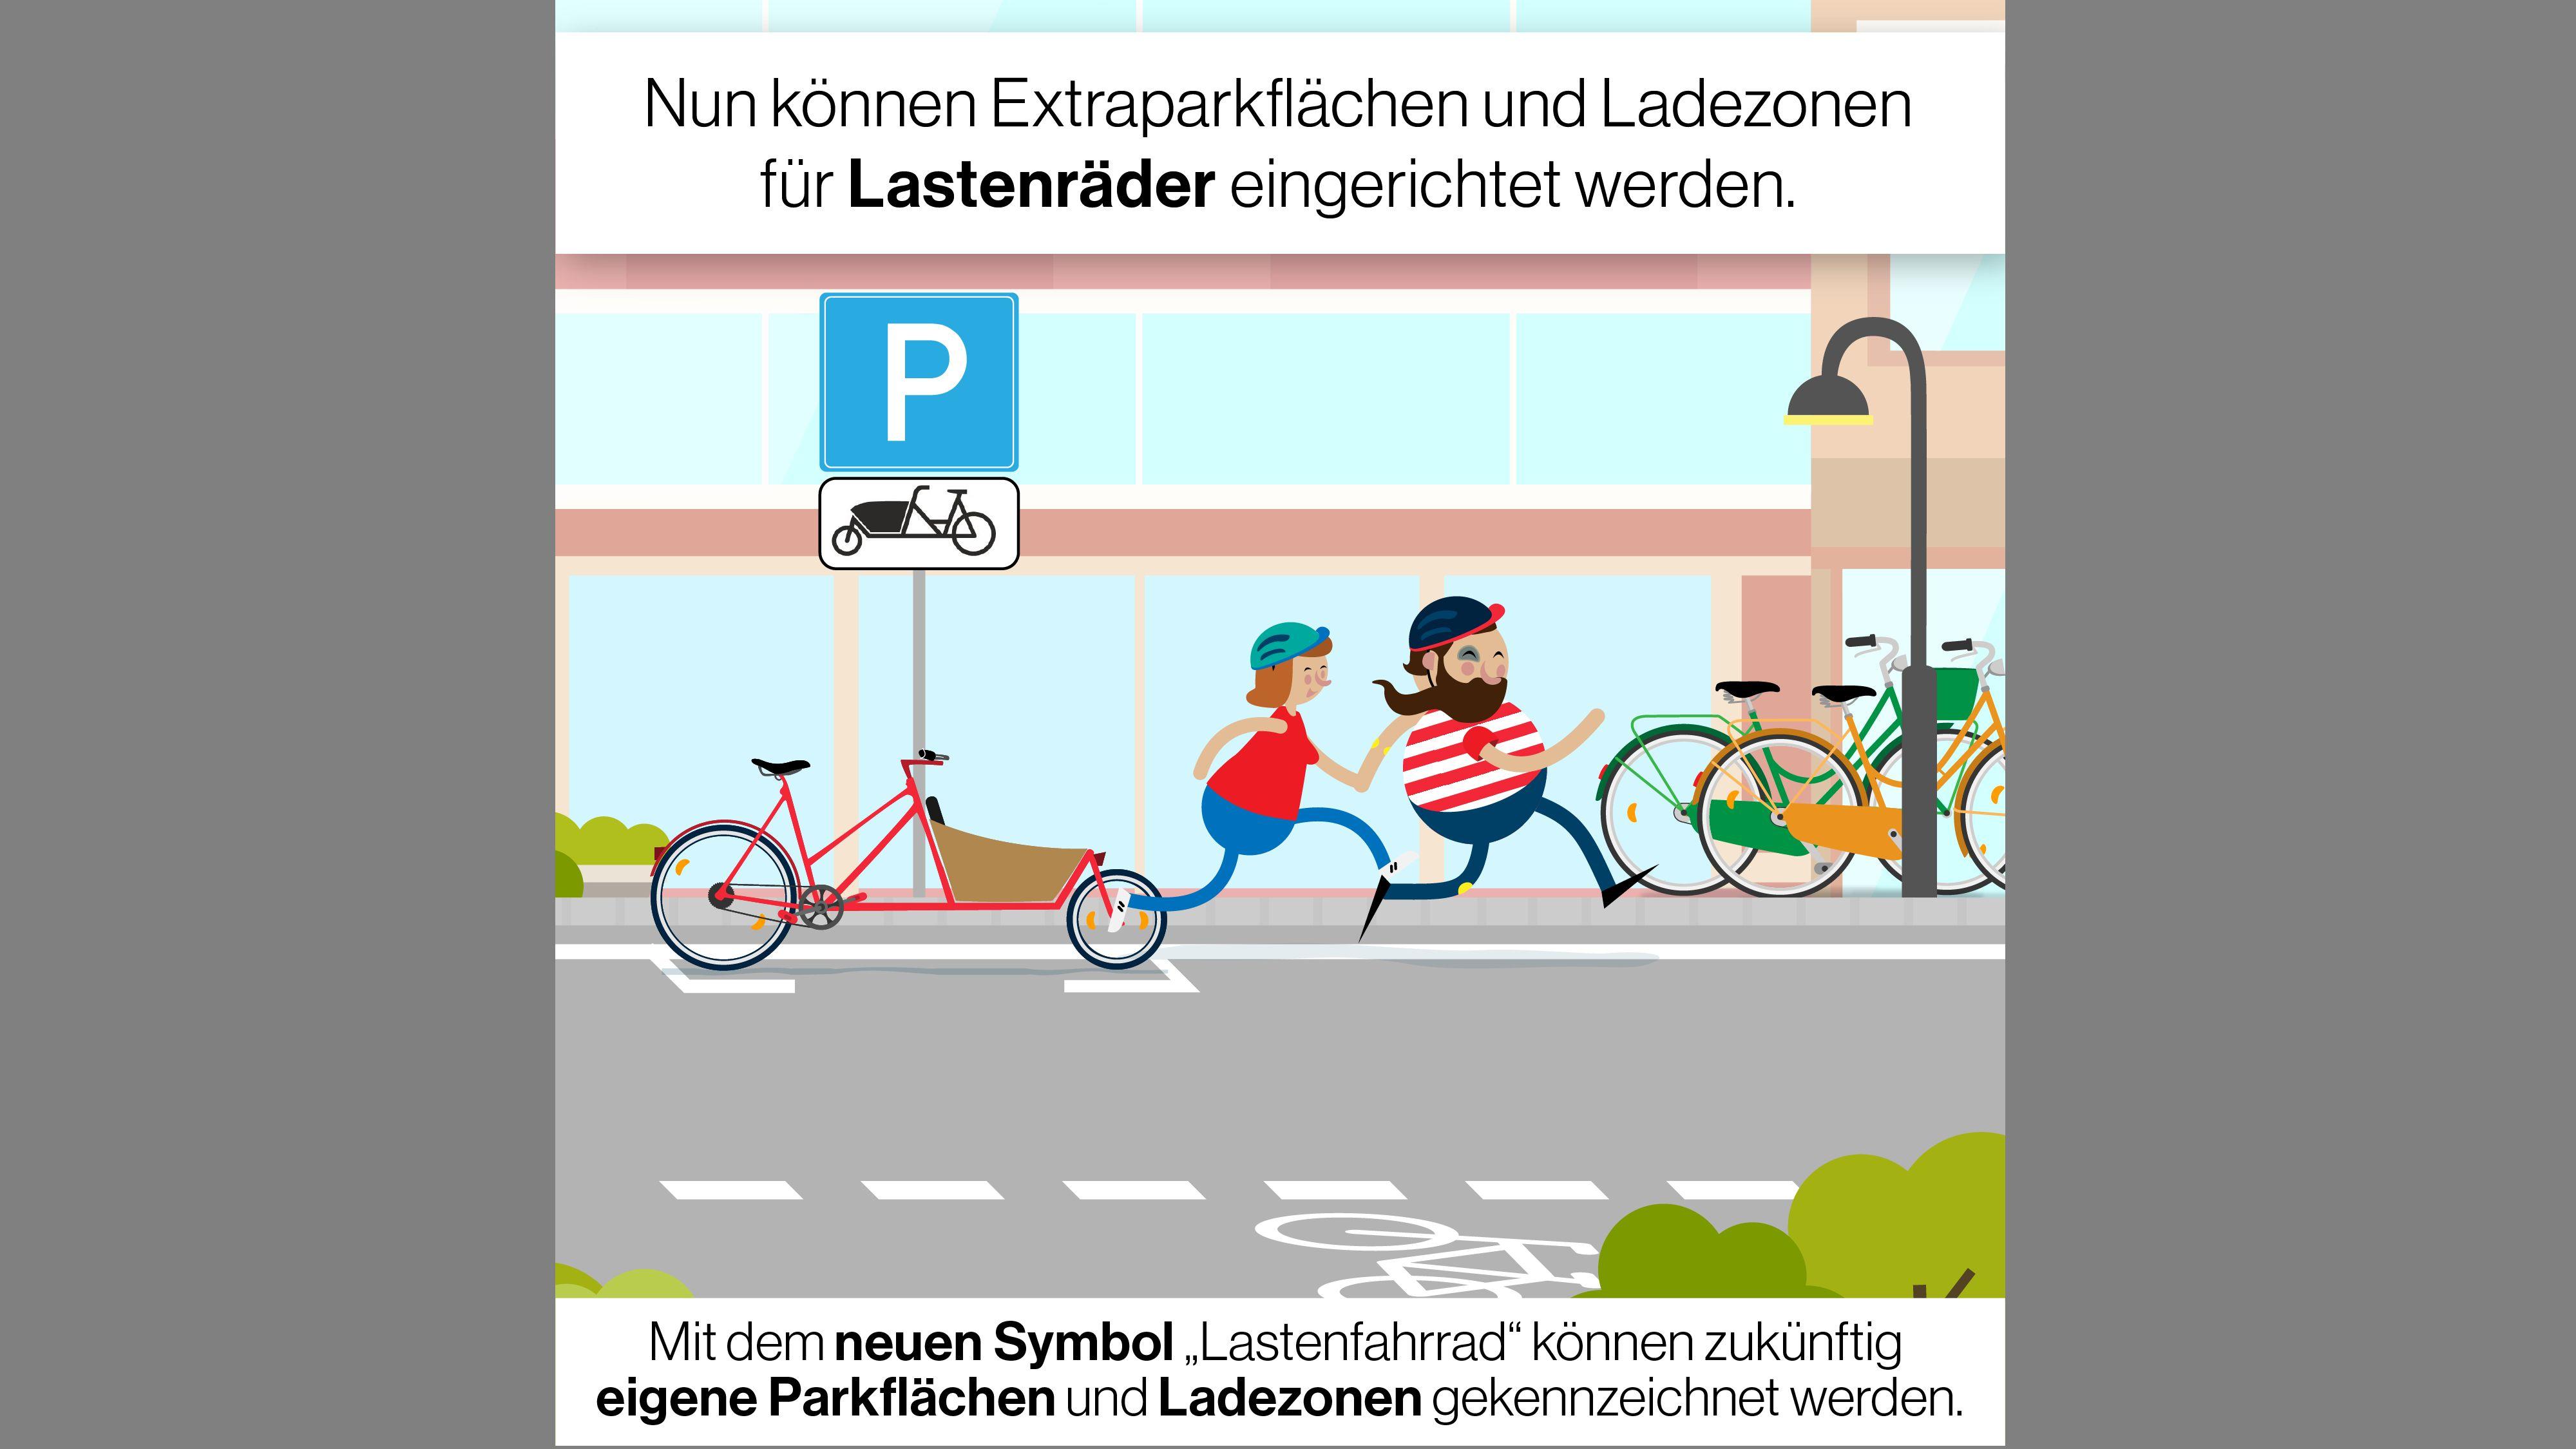 Grafik zu den neuen Verkehrsregeln: Extraparkzonen und Ladezonen für Lastenfahrräder